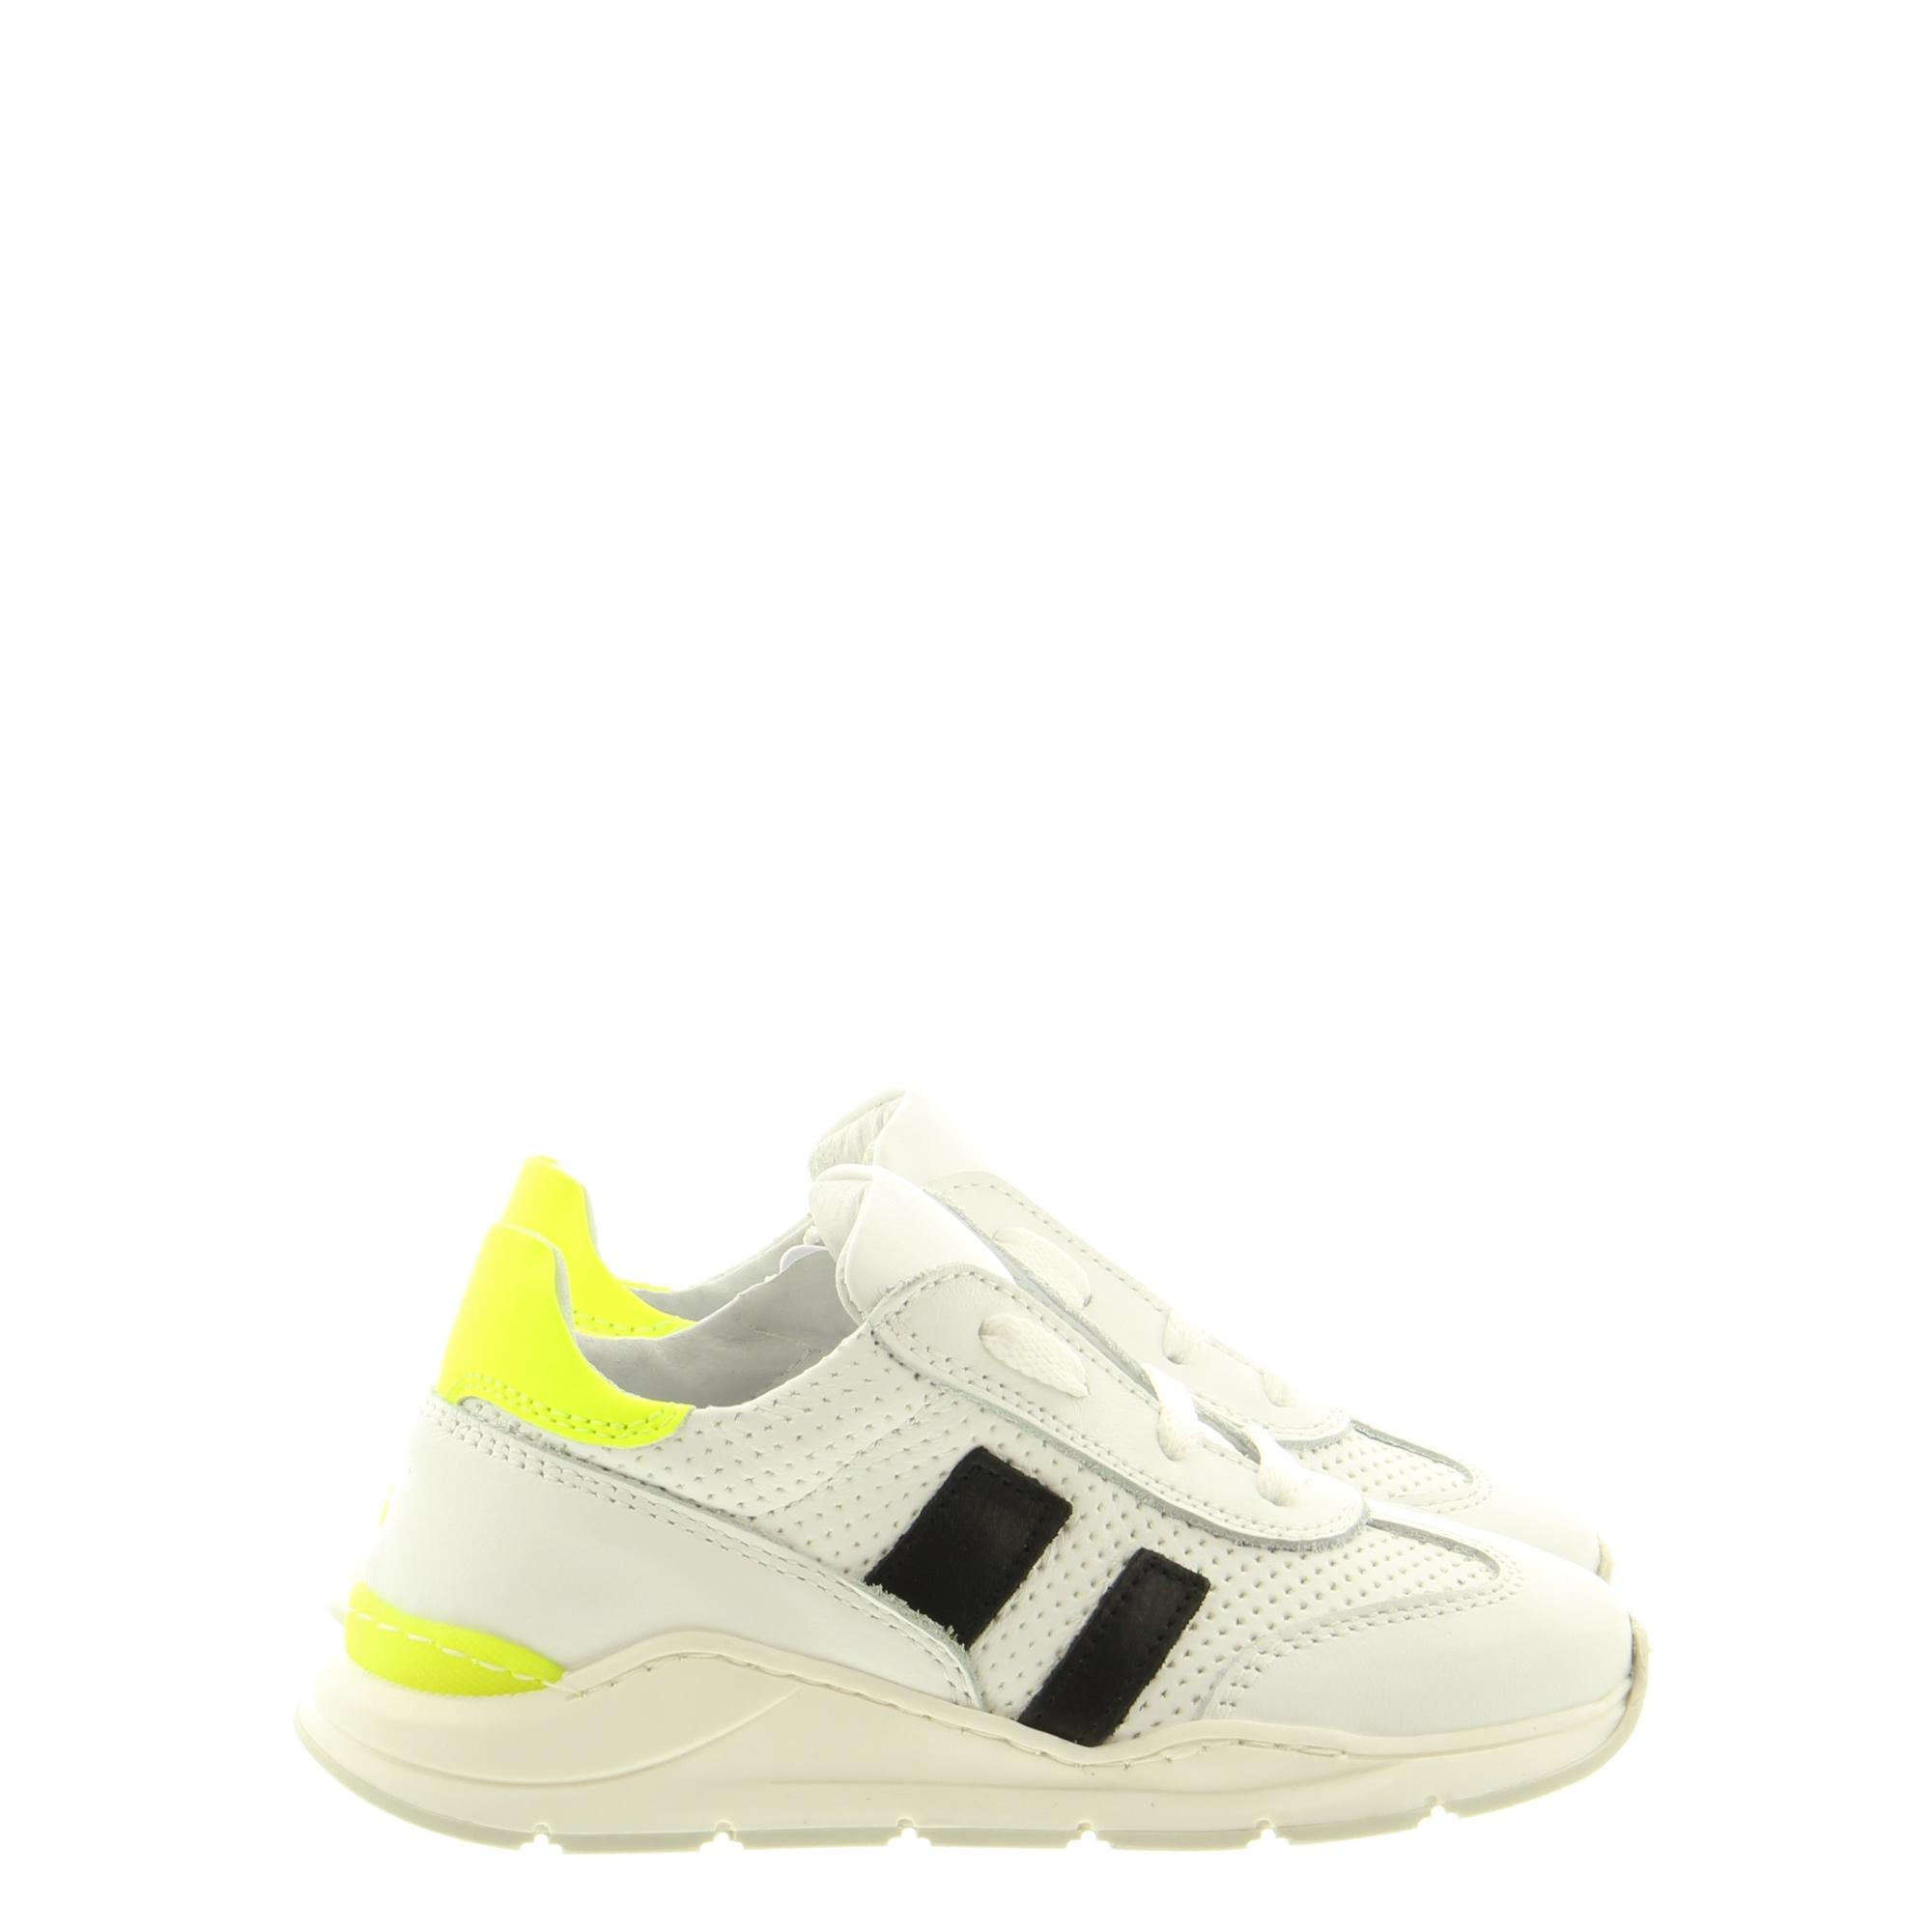 Freesby 2357 Bianco Nero Fluo Arancio